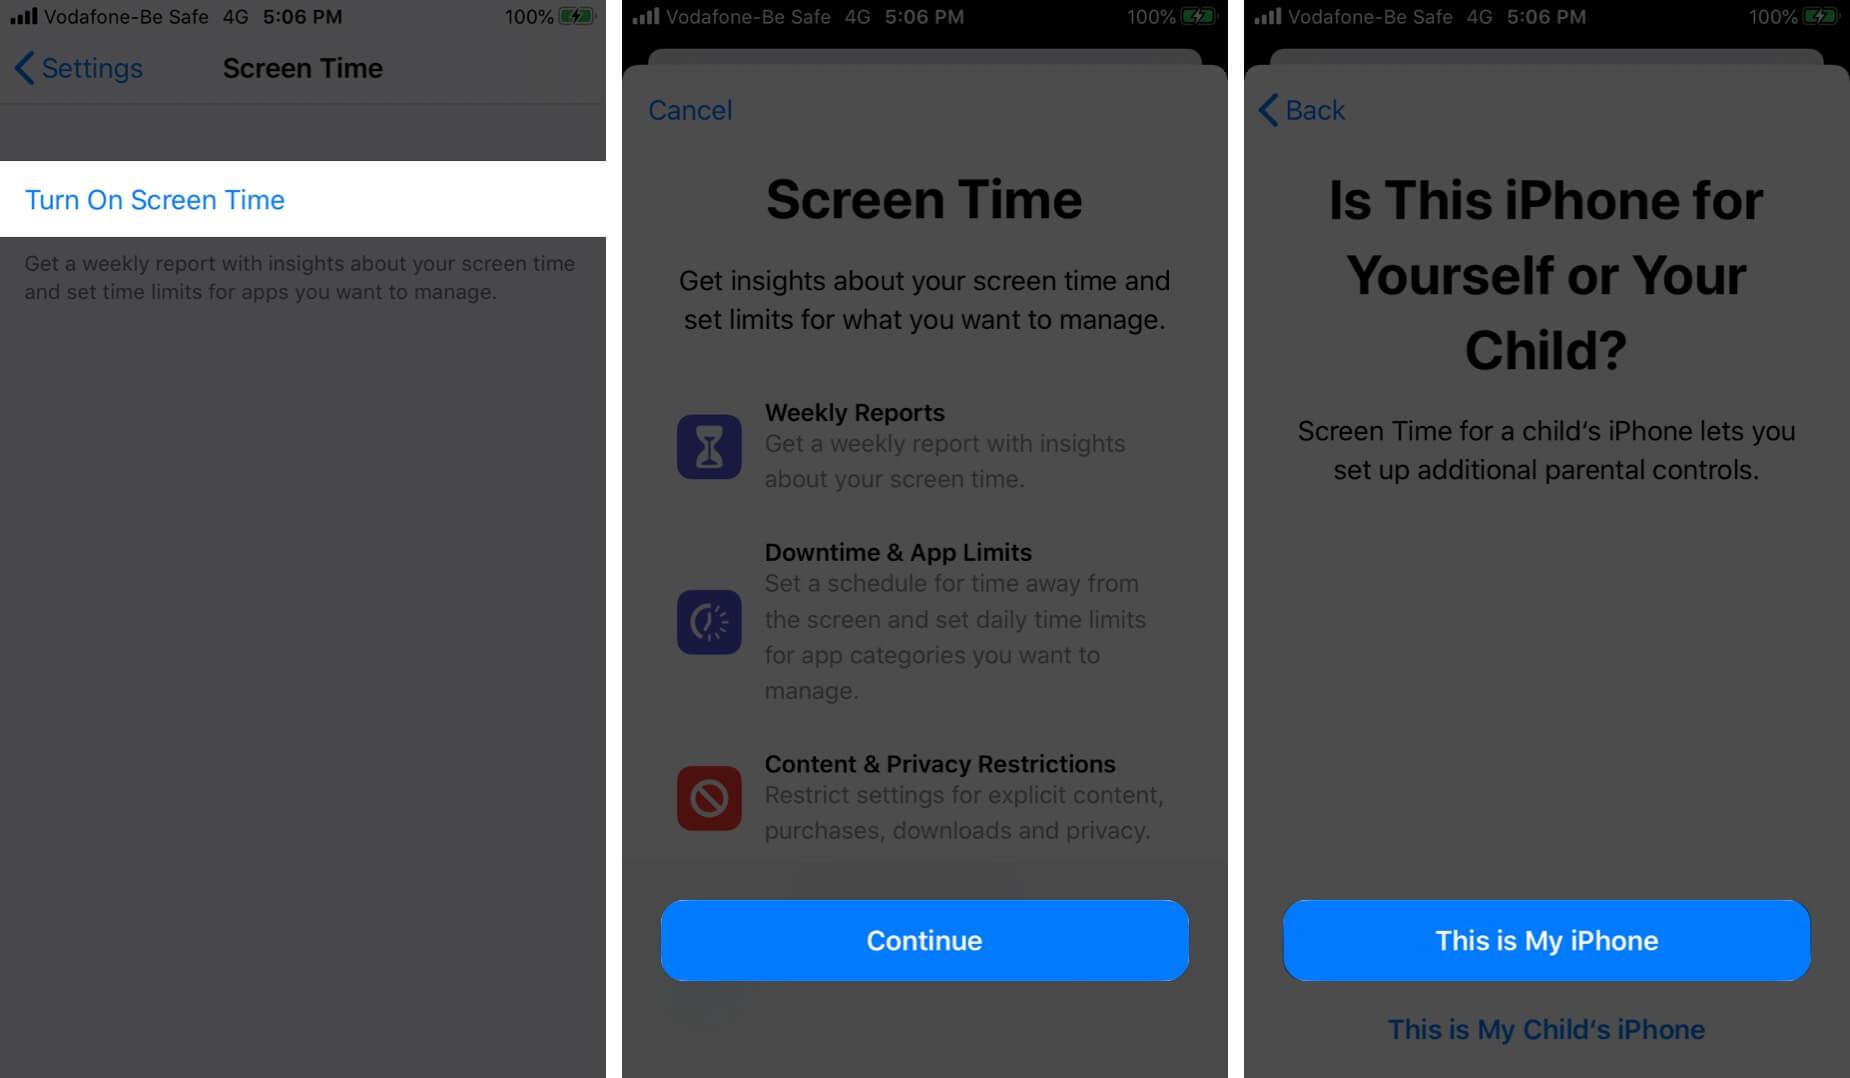 Turn on Screen Time on iPhone in iOS 13